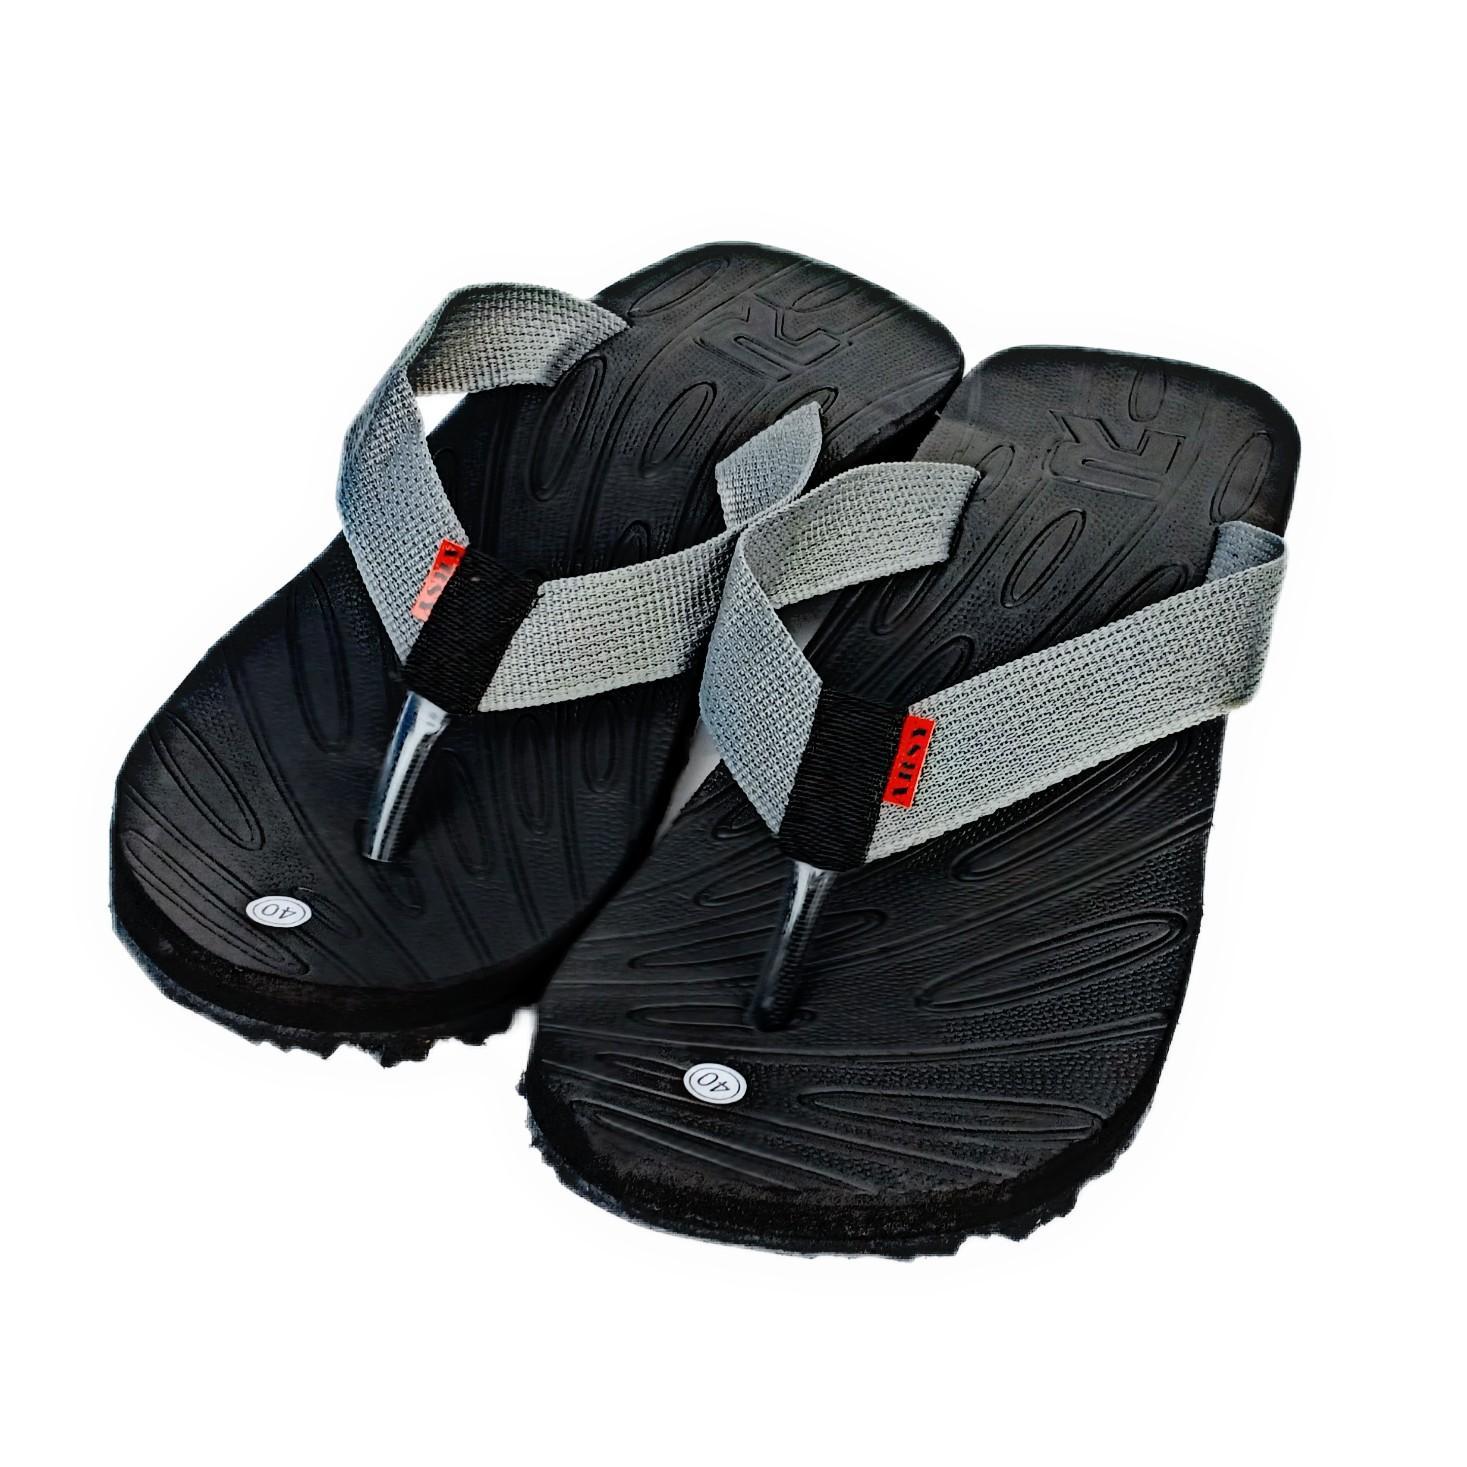 Arsy Sport /Sandal Gunung Pria Jepit / Sanda Jepit / Sandal Pria / Sandal Murah / Silfer